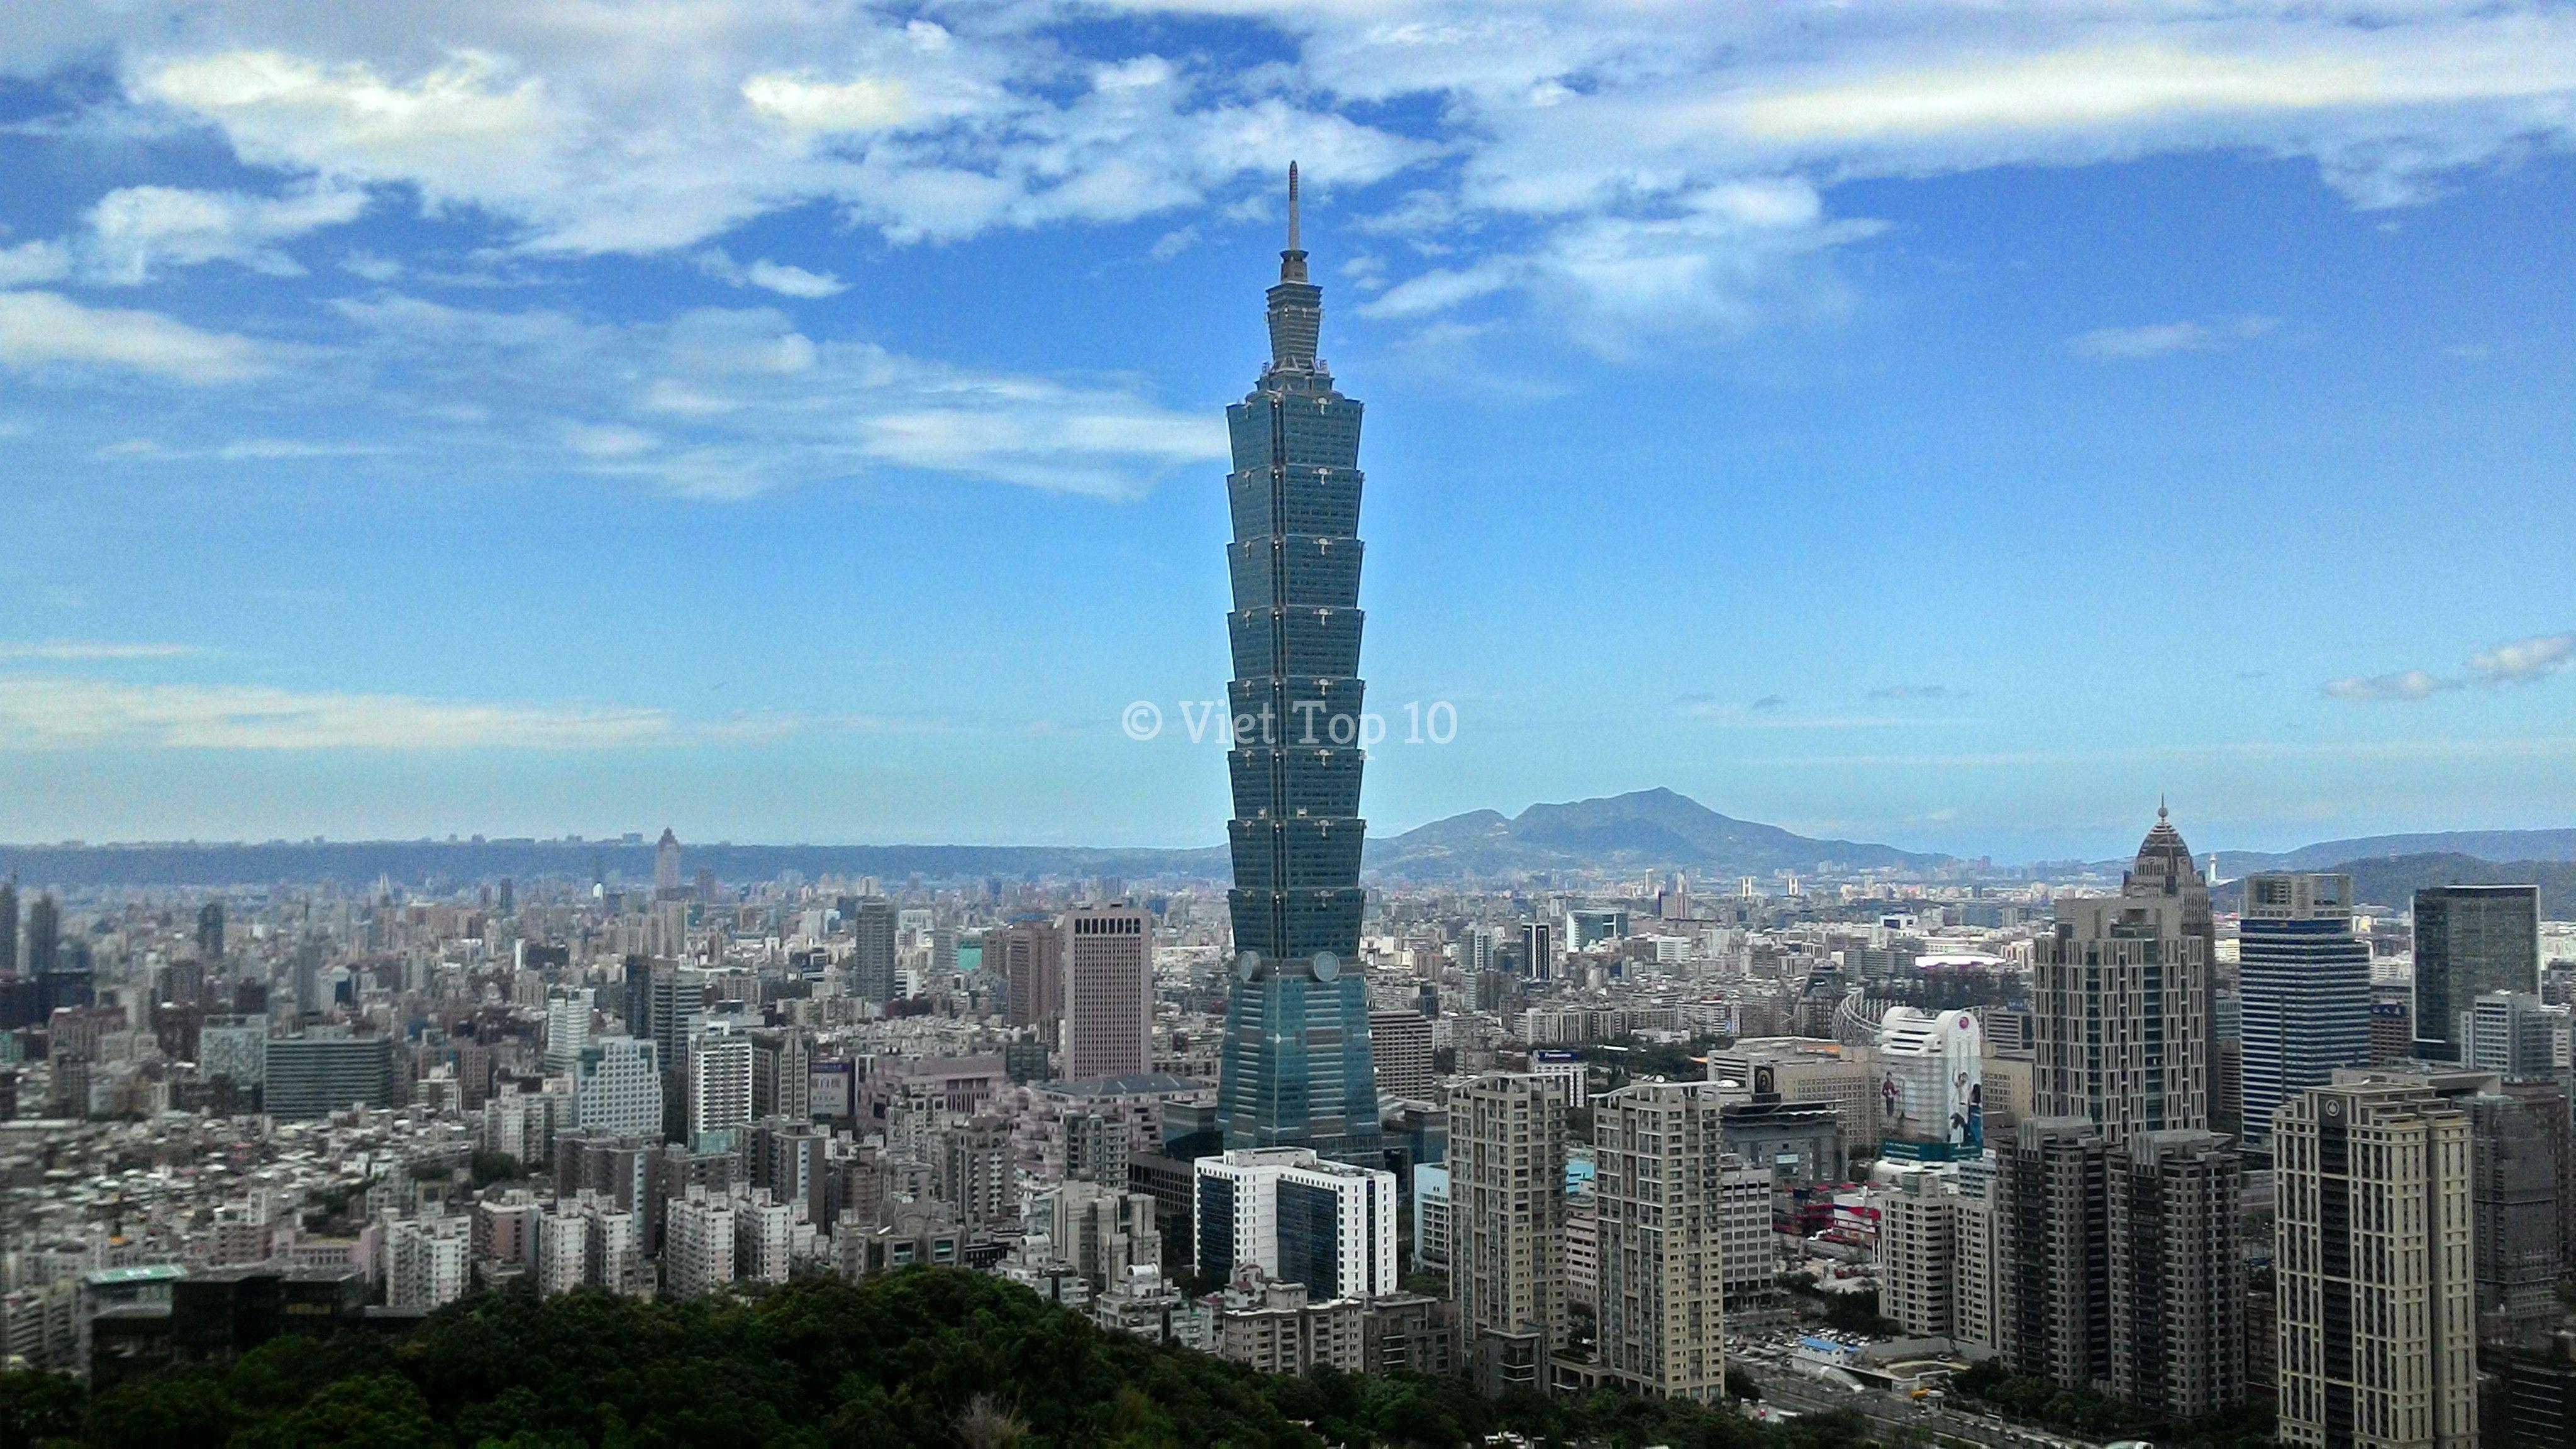 cao ốc có kiến trúc kỳ lạ độc đáo nhất thế giới - việt top 10 - việt top 10 net - viettop10